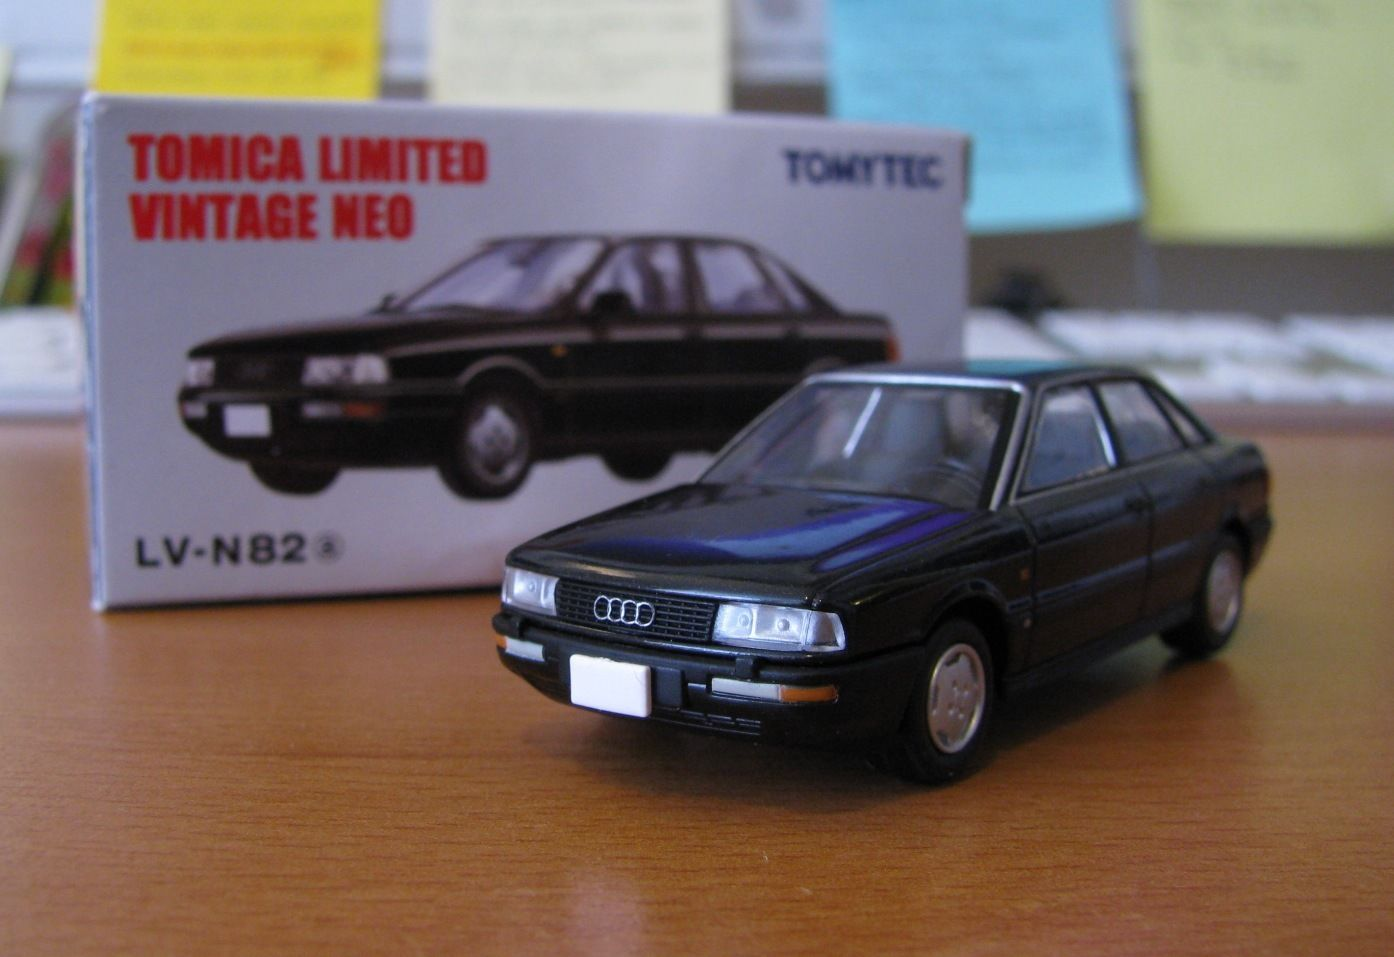 Tomica Limited Vintage Neo 1/64 Audi 90 2.3E (LV-N82 Black color) | eBay